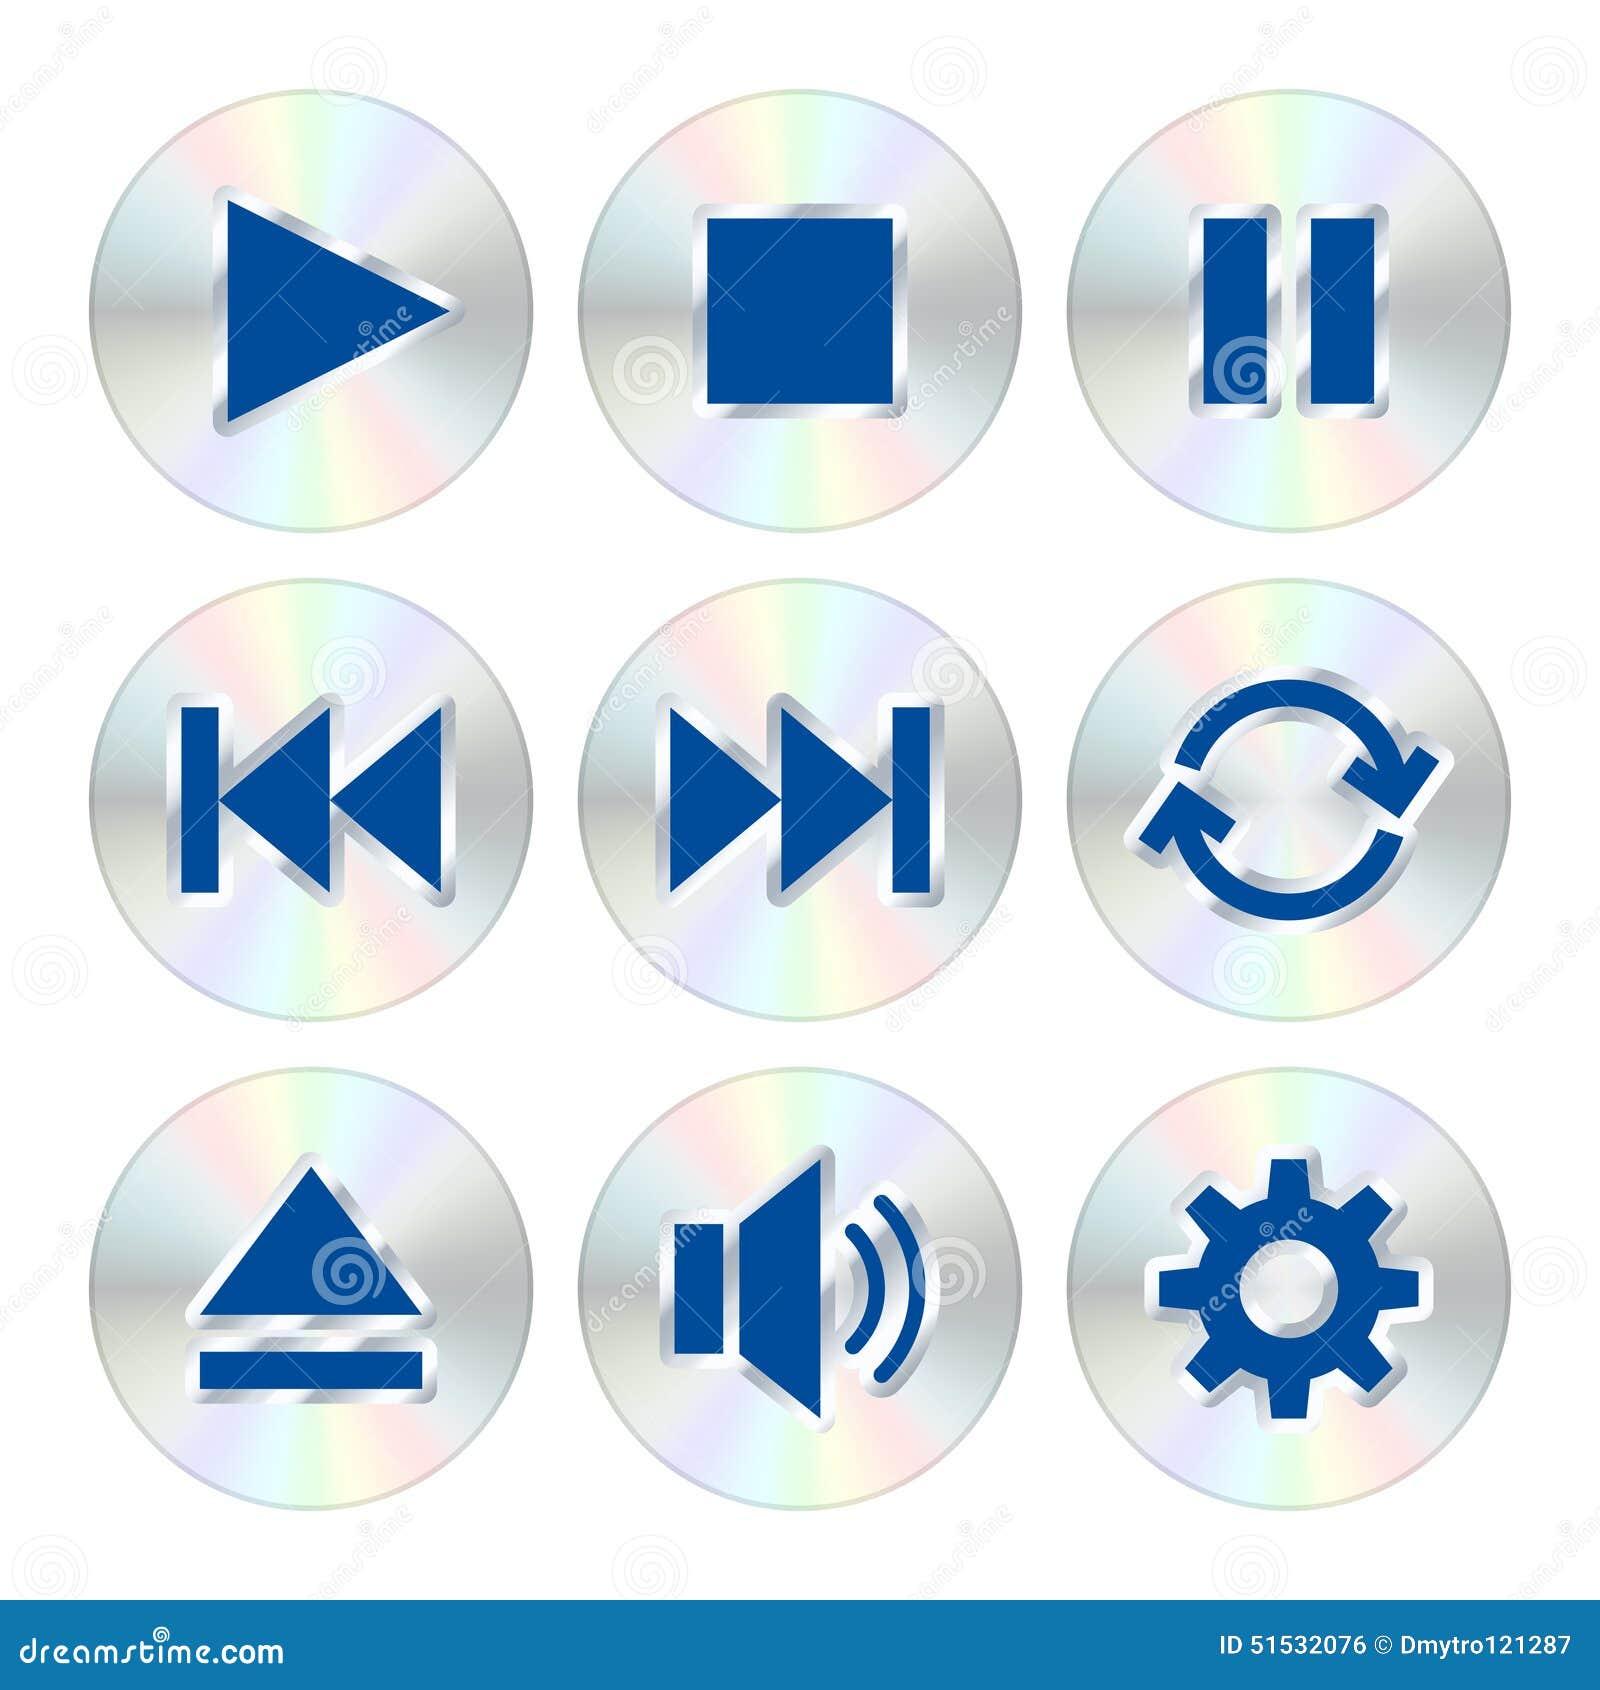 音乐播放器按钮图片